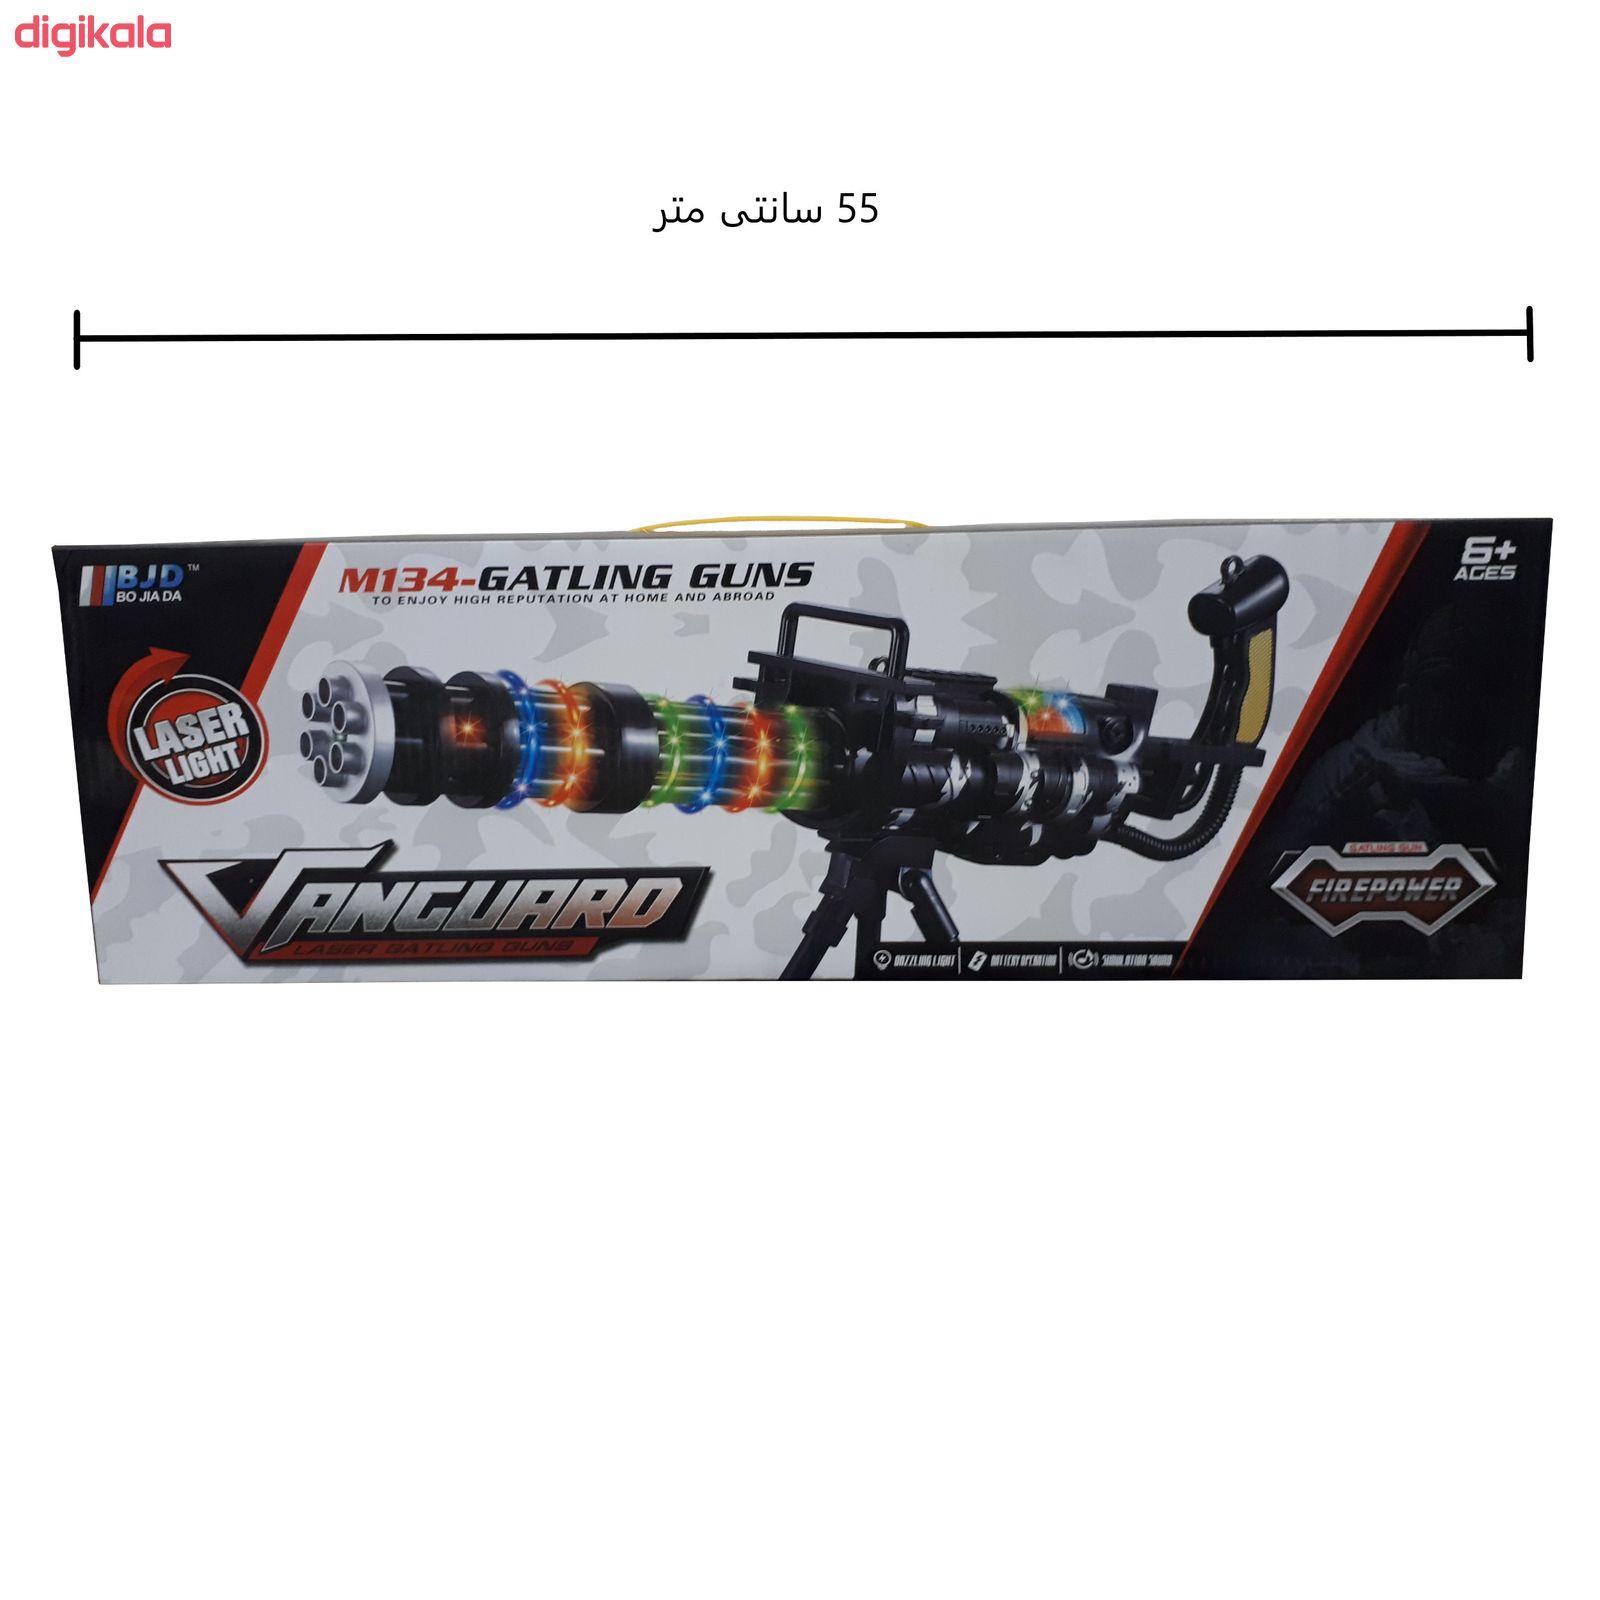 تفنگ بازی مدل VANGUARD کد 565 main 1 4